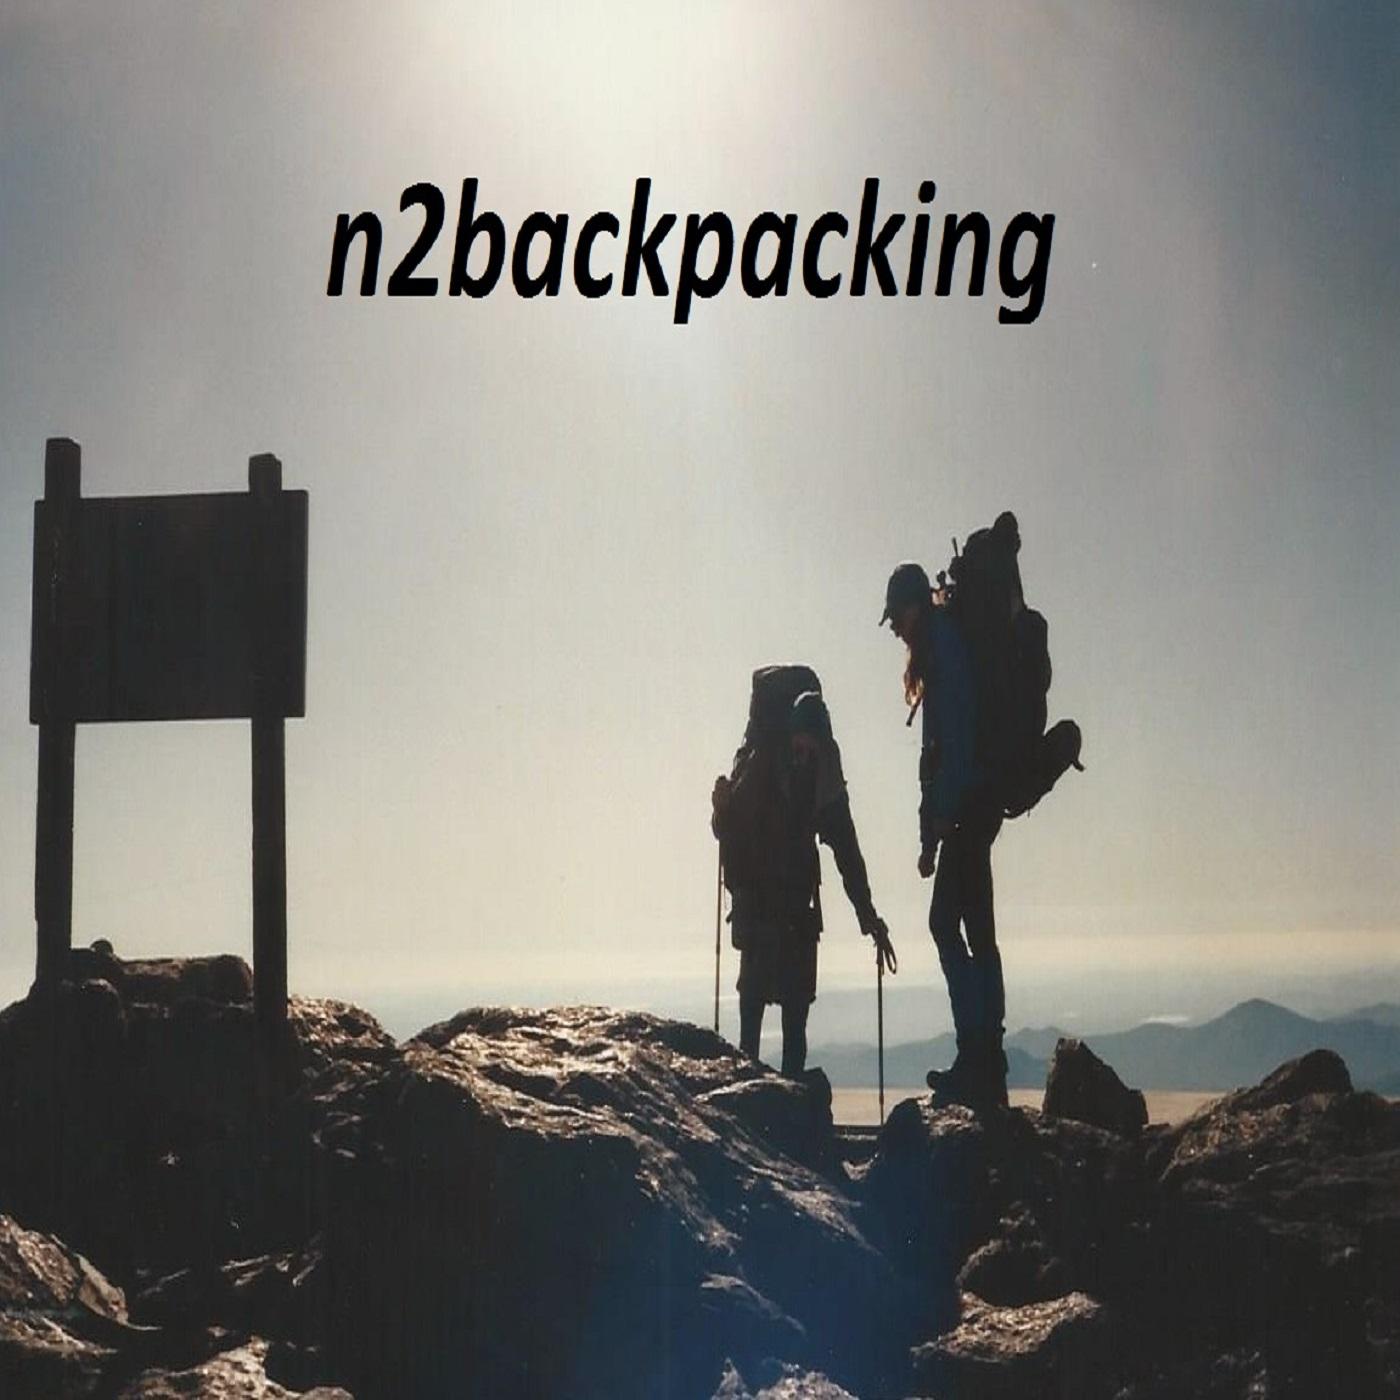 n2backpacking-logo-1400x1400.jpg